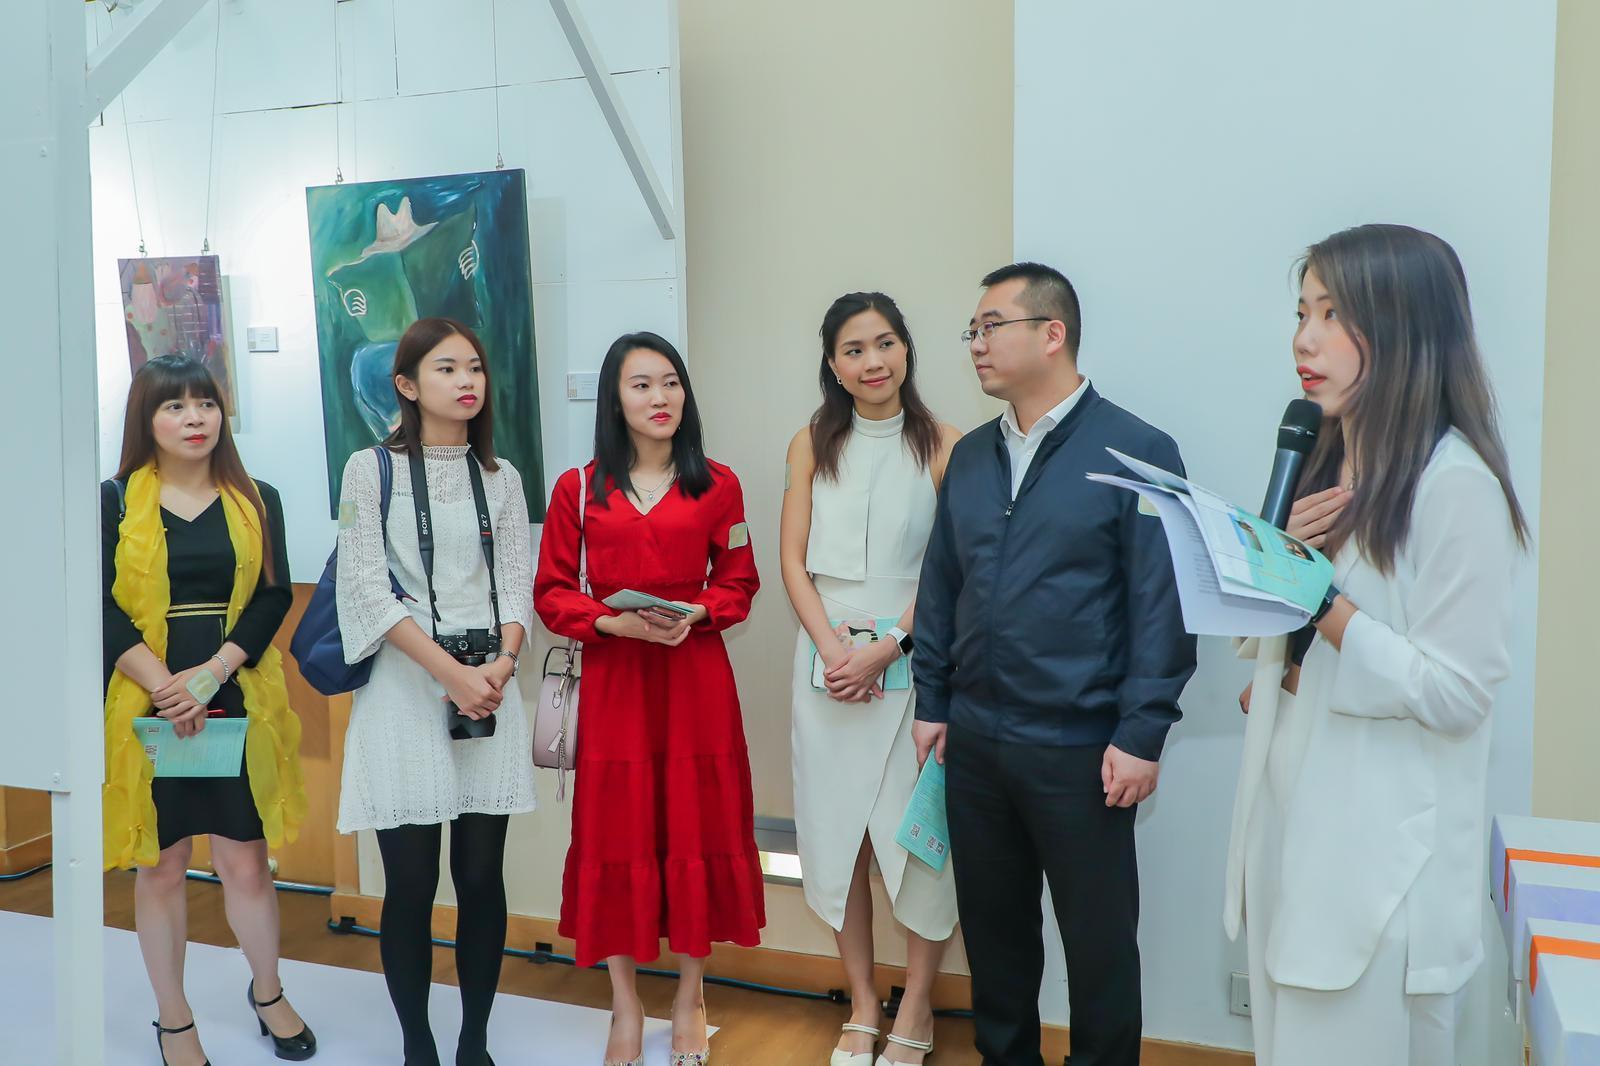 Exposição   Arte feminina em destaque nas Casas-Museu da Taipa